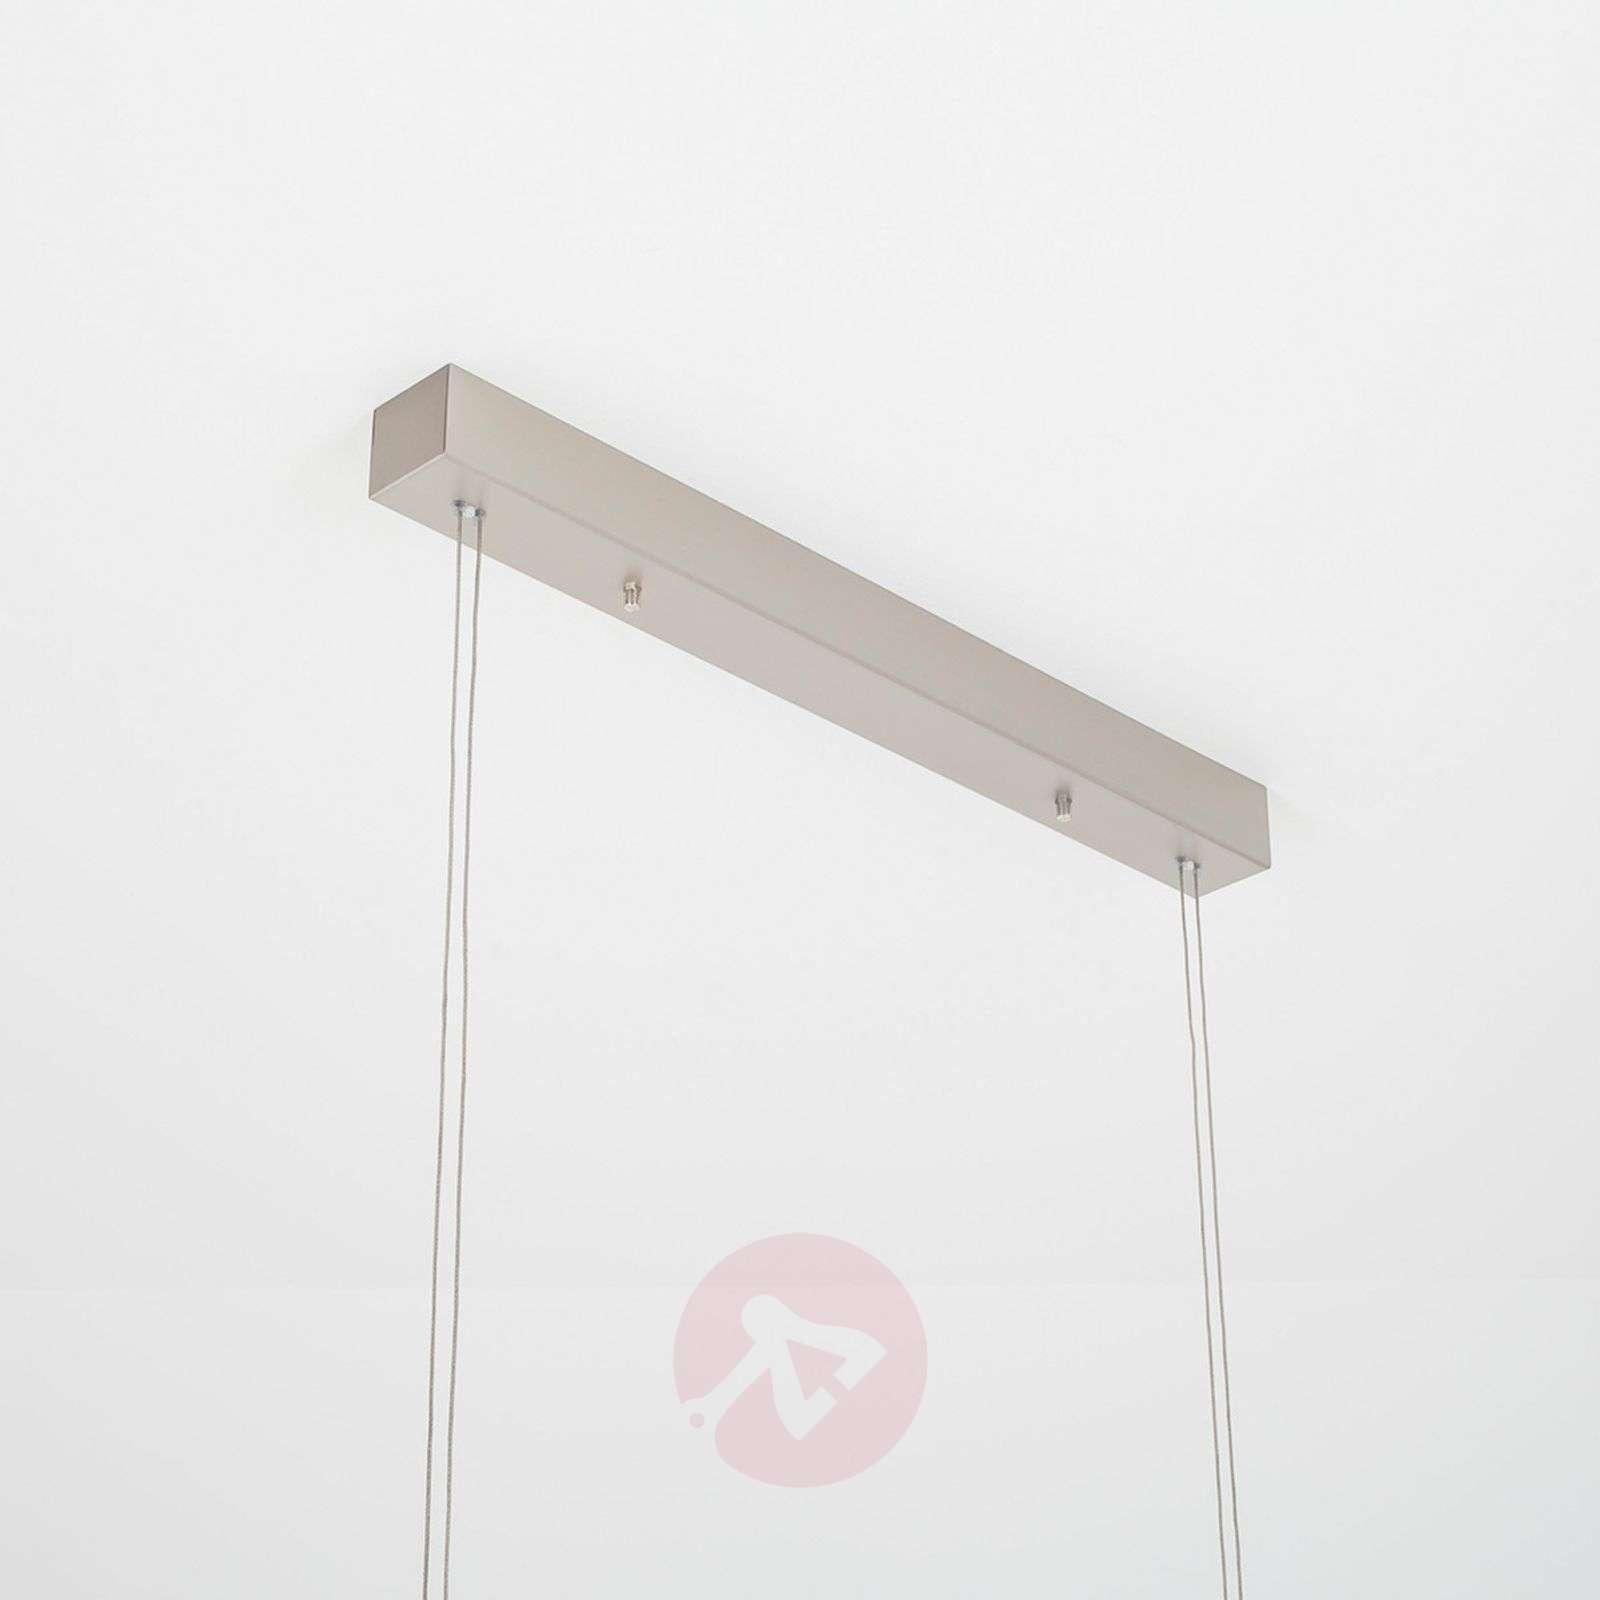 Riippuvalaisin Falo,160 cm, korkeussäädöllä-6722005-014